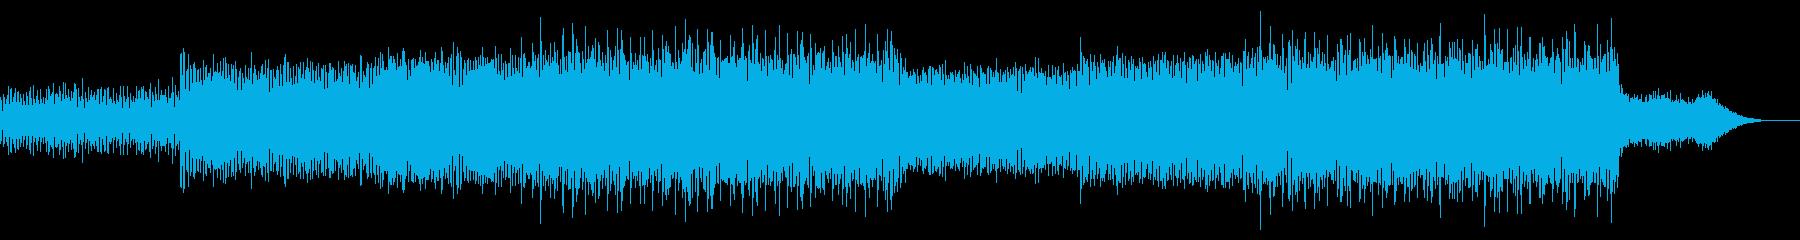 ニュース映像ナレーションバック向け-14の再生済みの波形